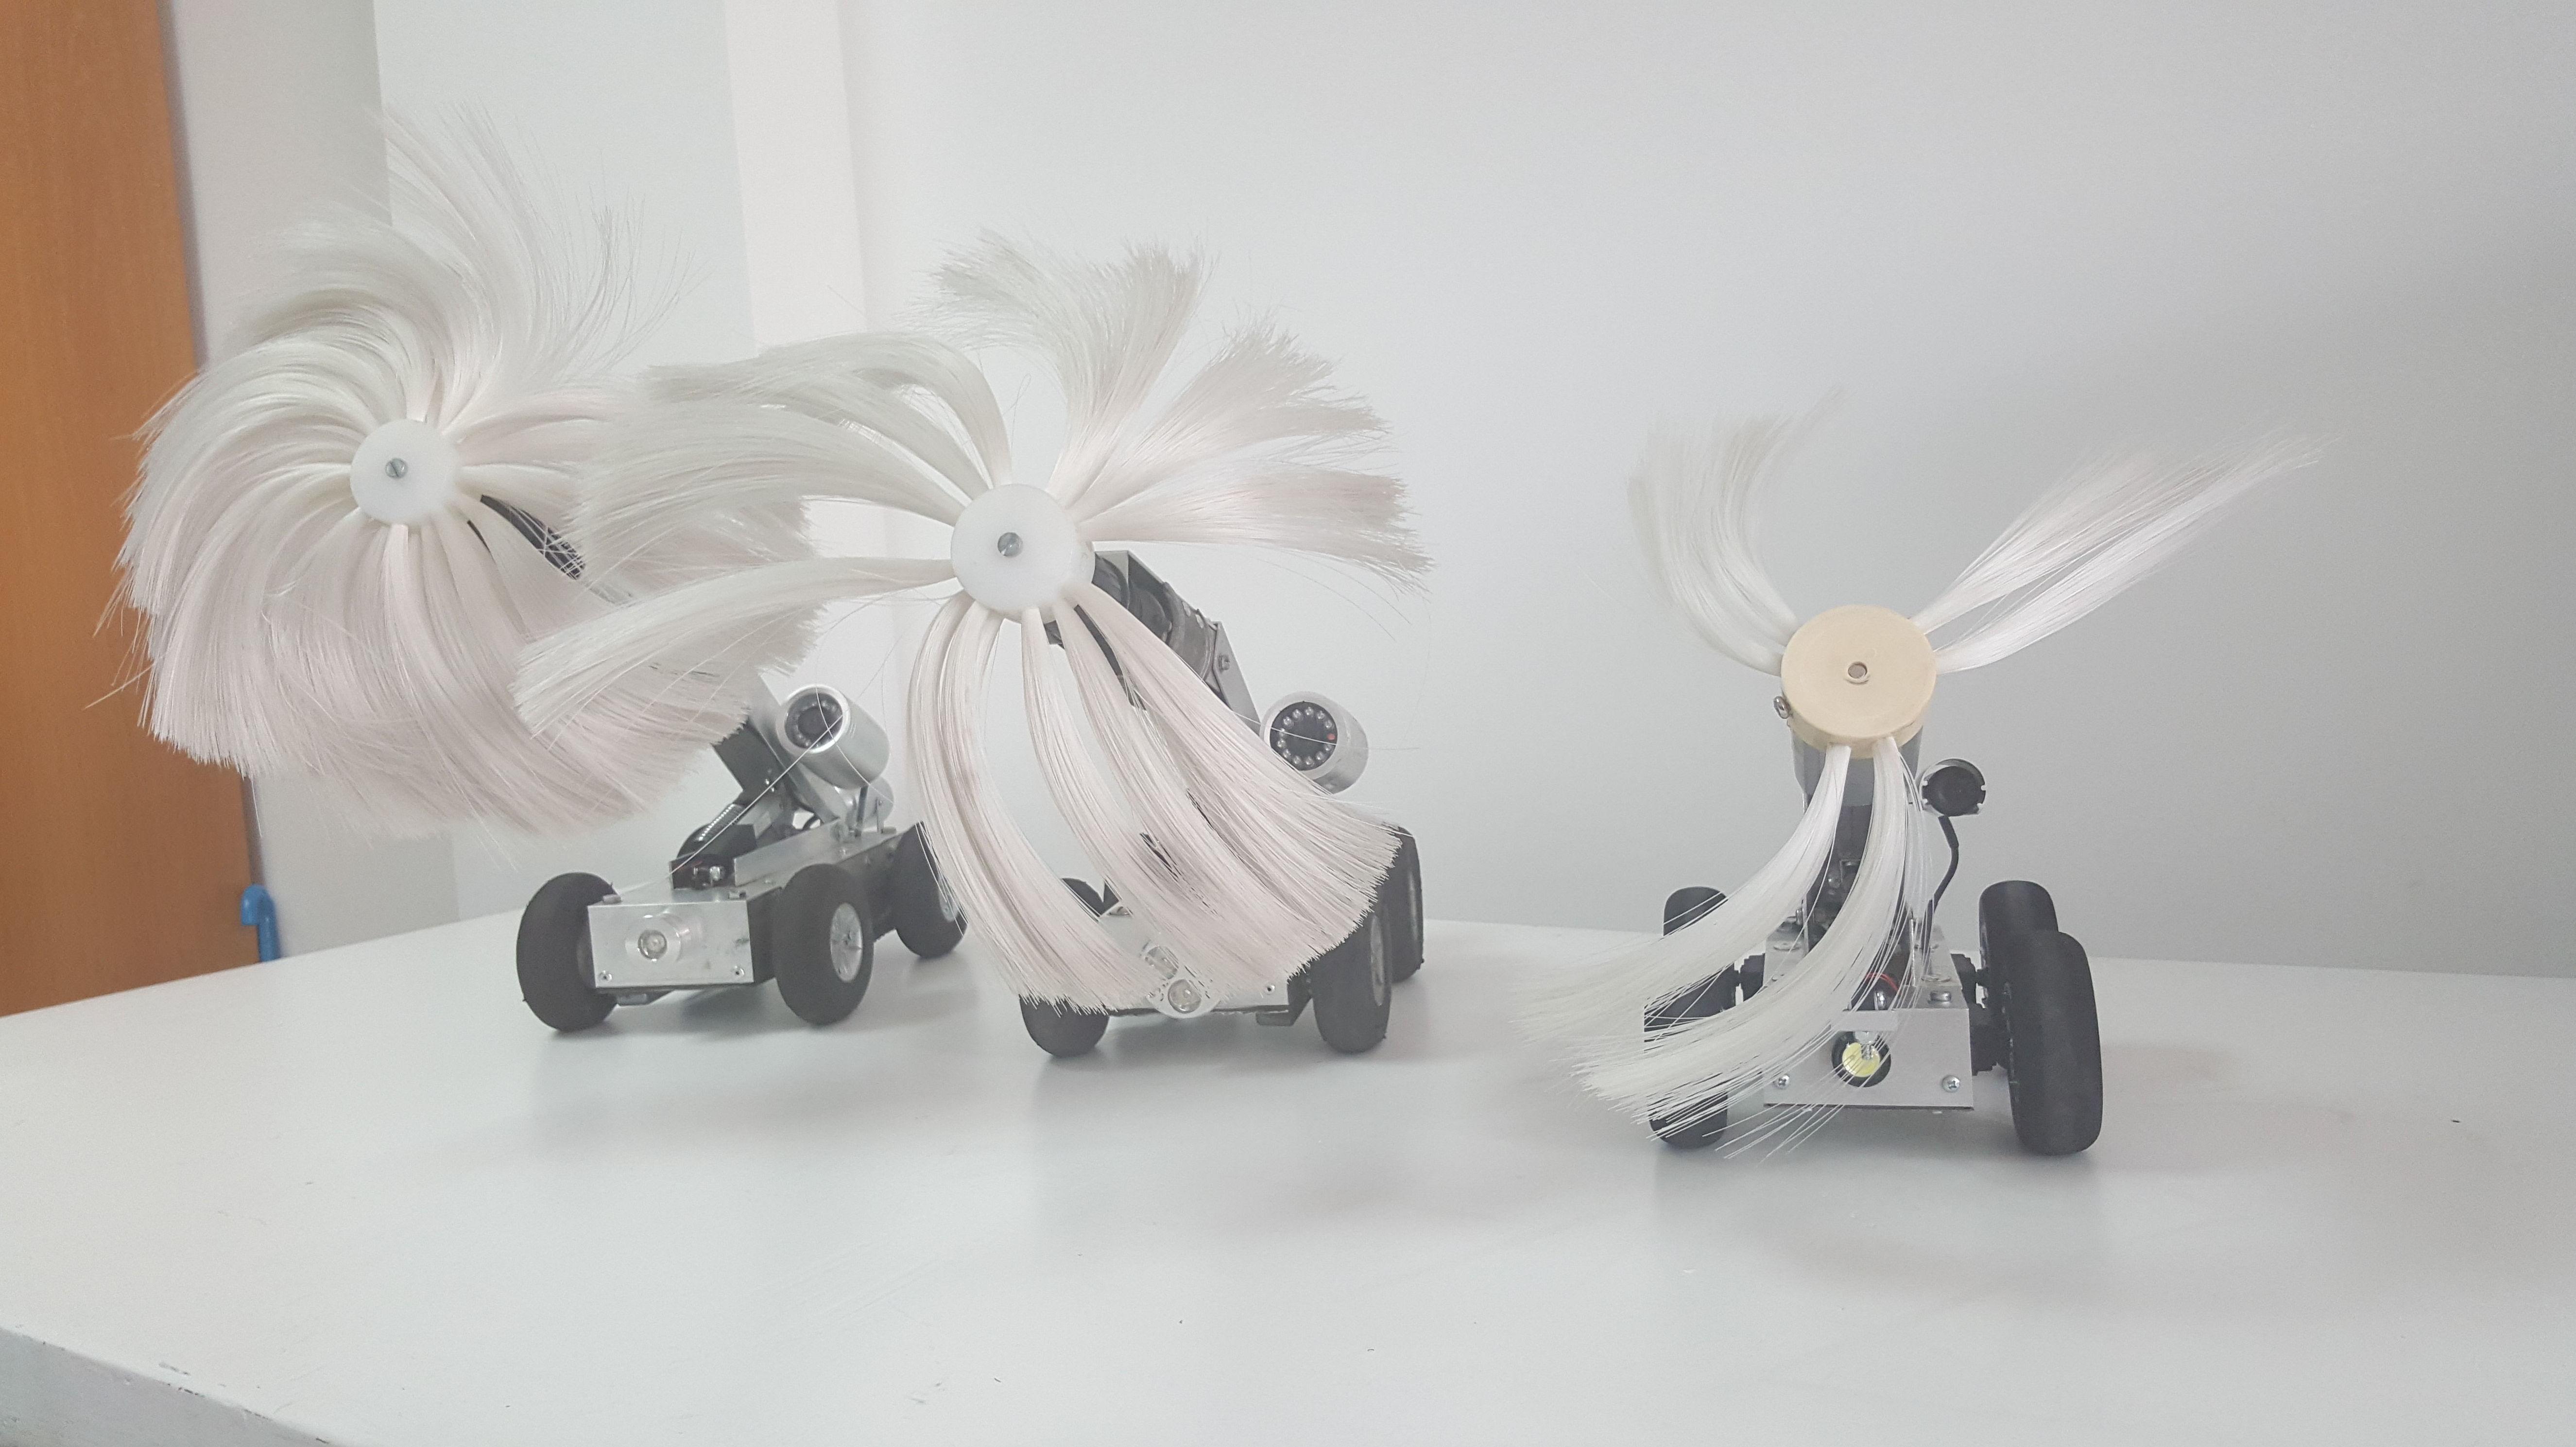 Robots con cepillos rotativos